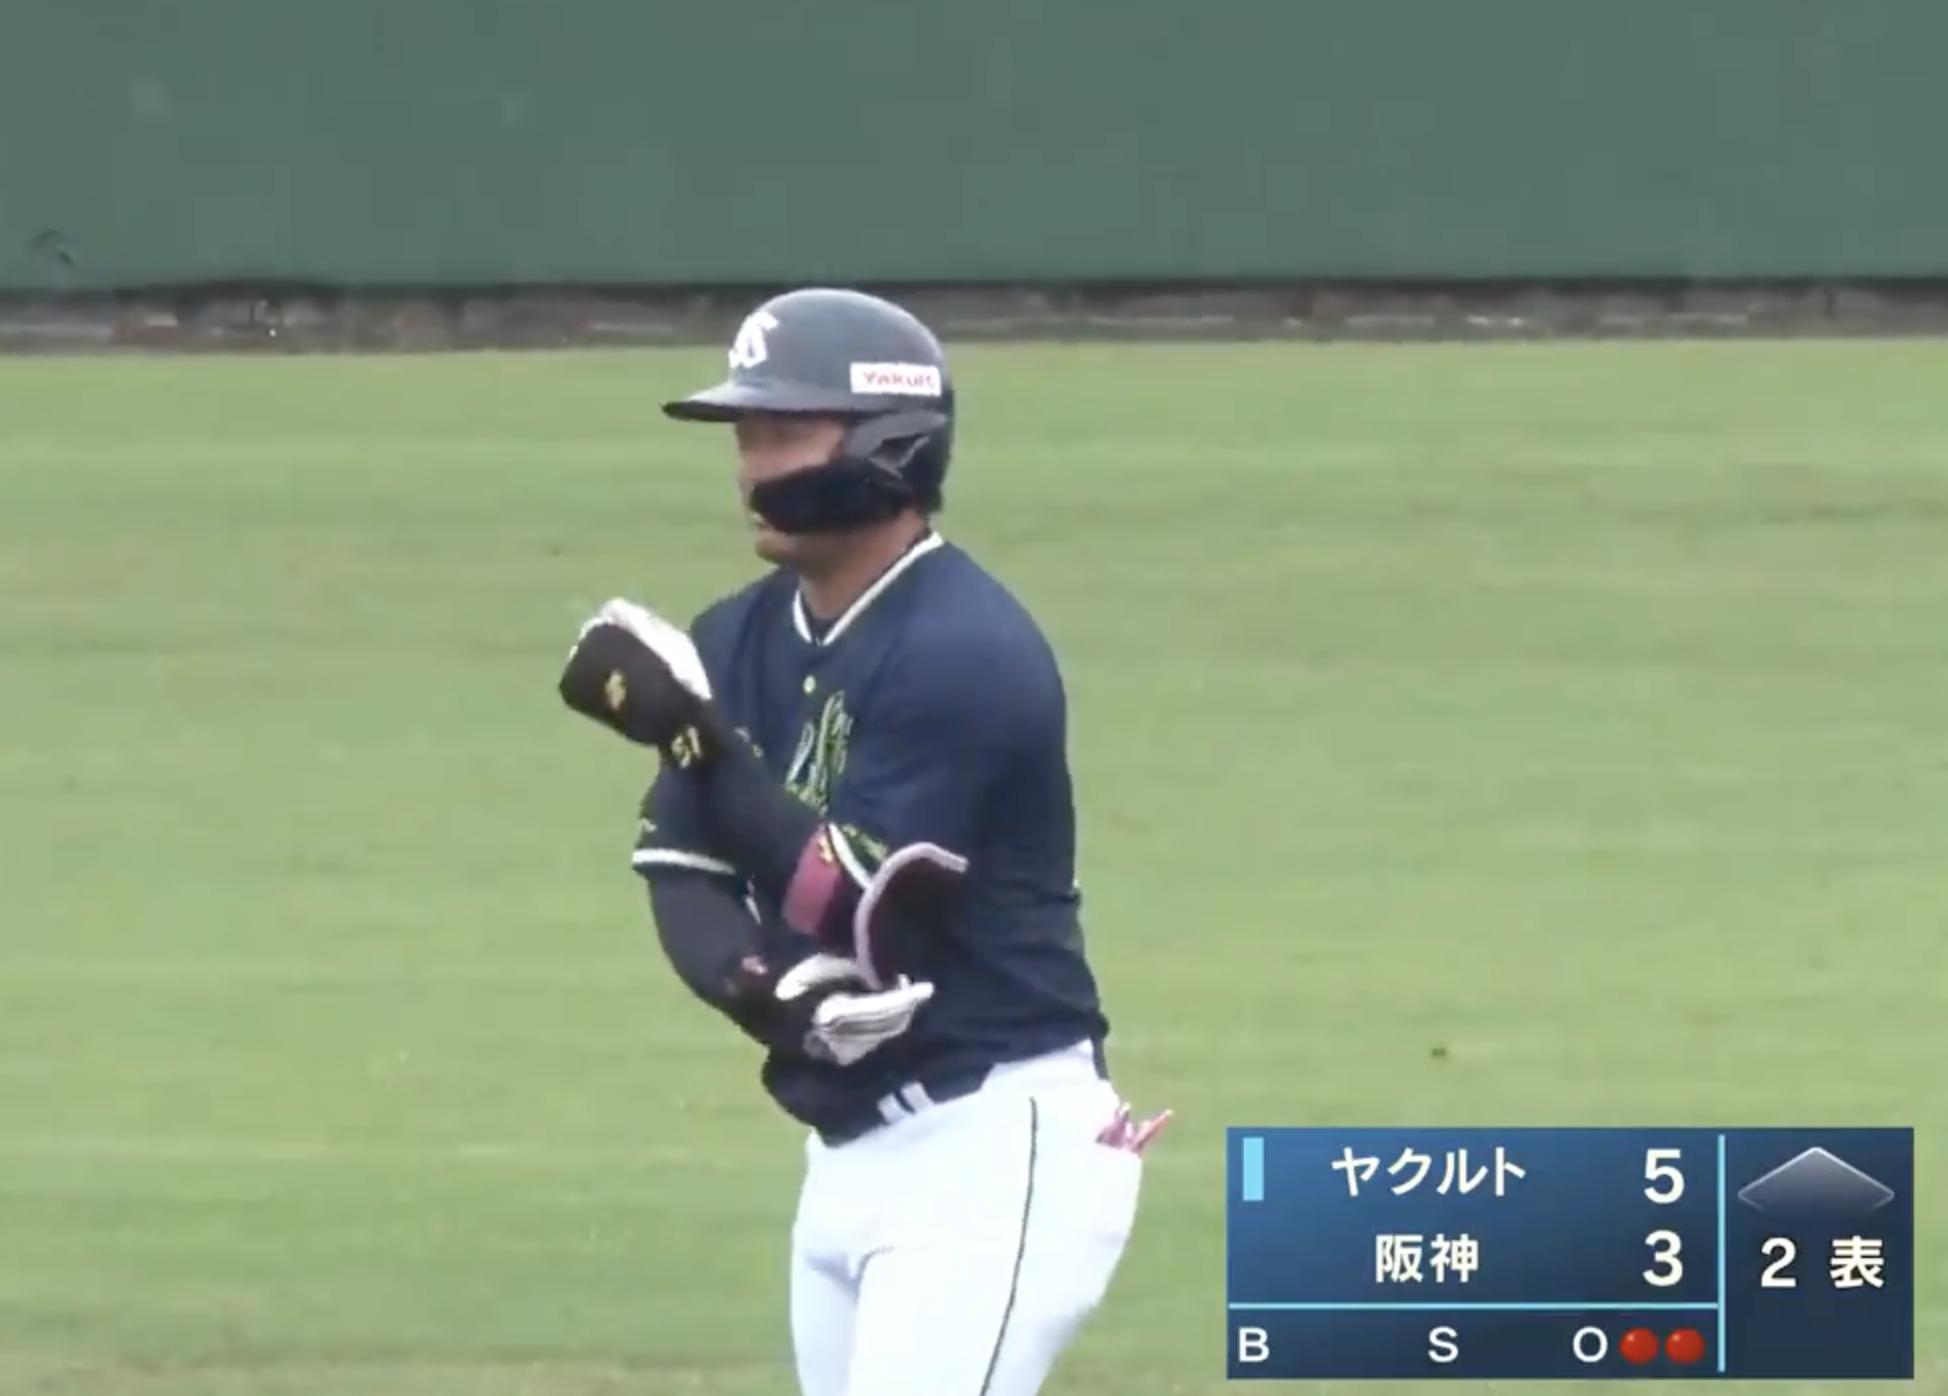 【フェニックス・リーグ】二死満塁から濱田太貴選手が走者一掃の3点タイムリーヒット!ヤクルトがすぐに逆転成功!